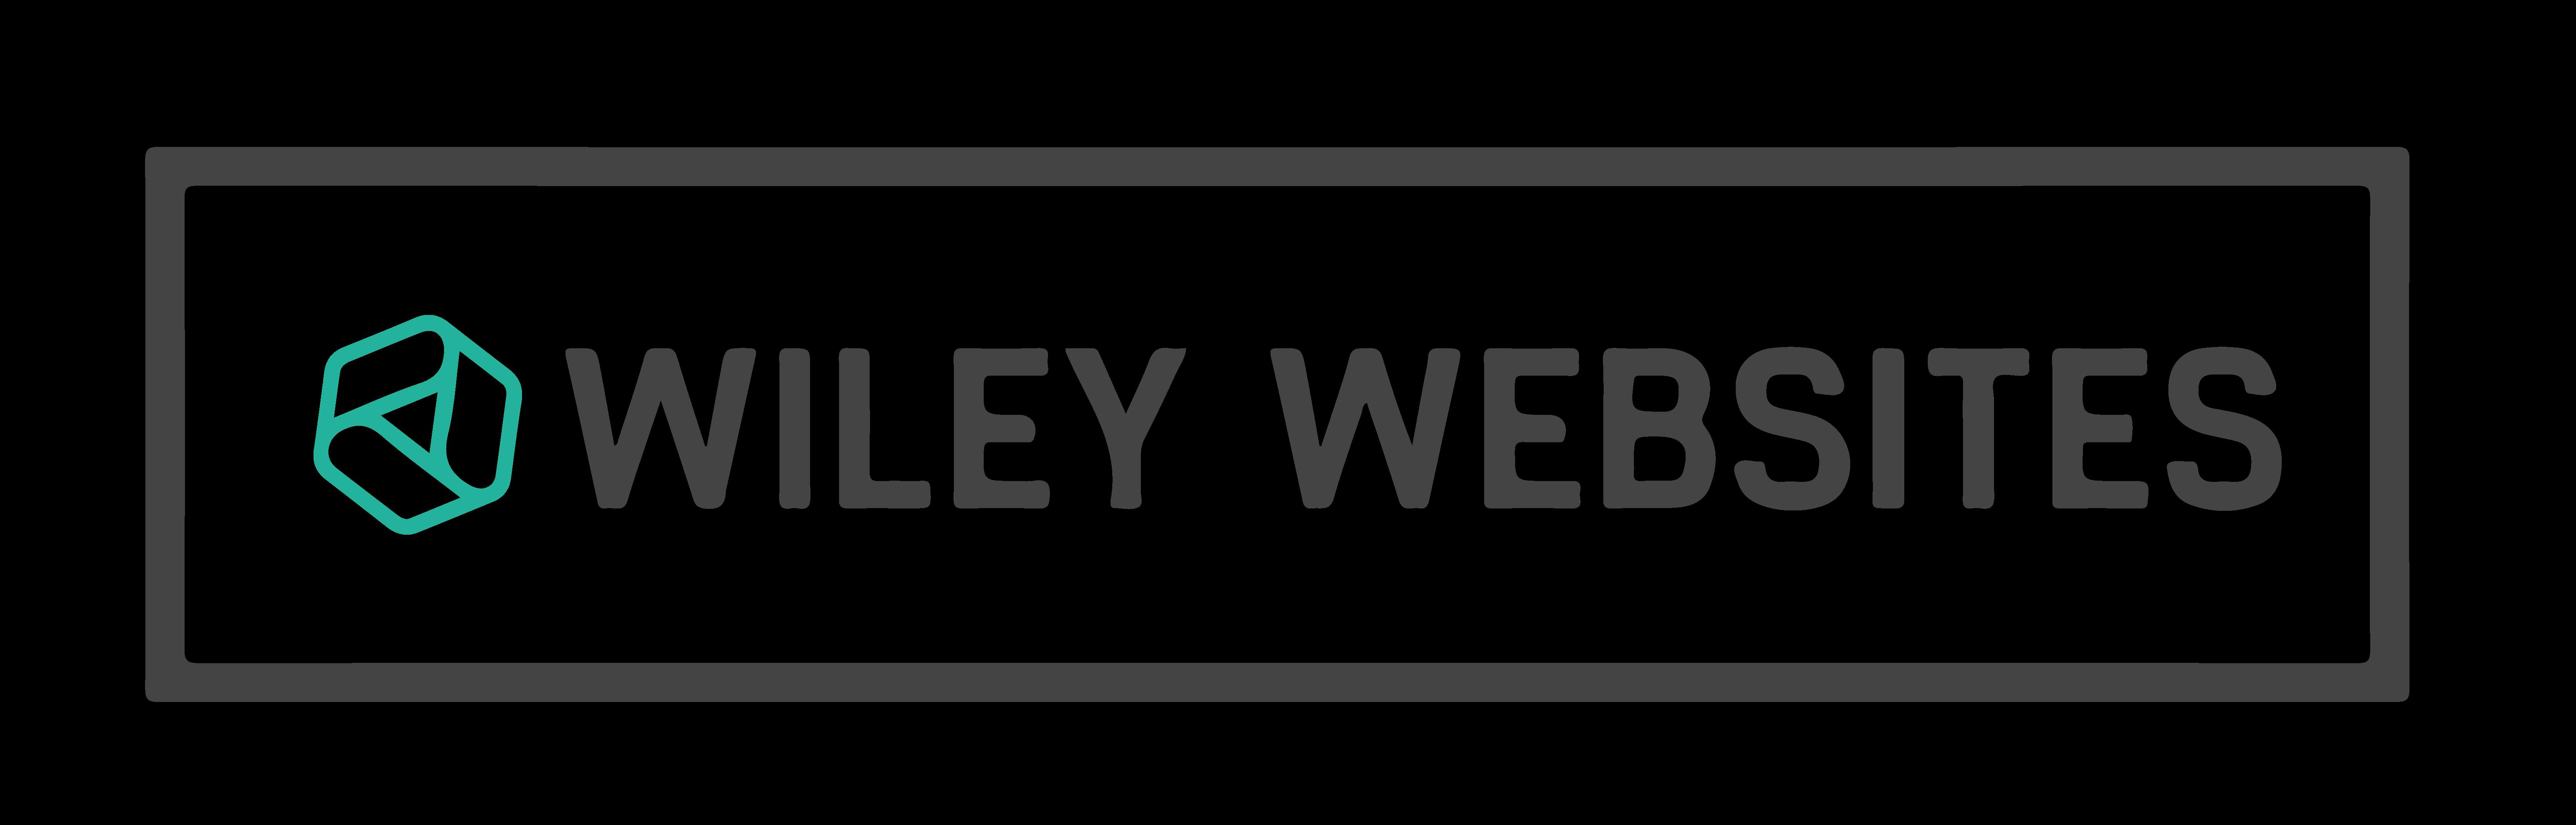 Wiley Websites